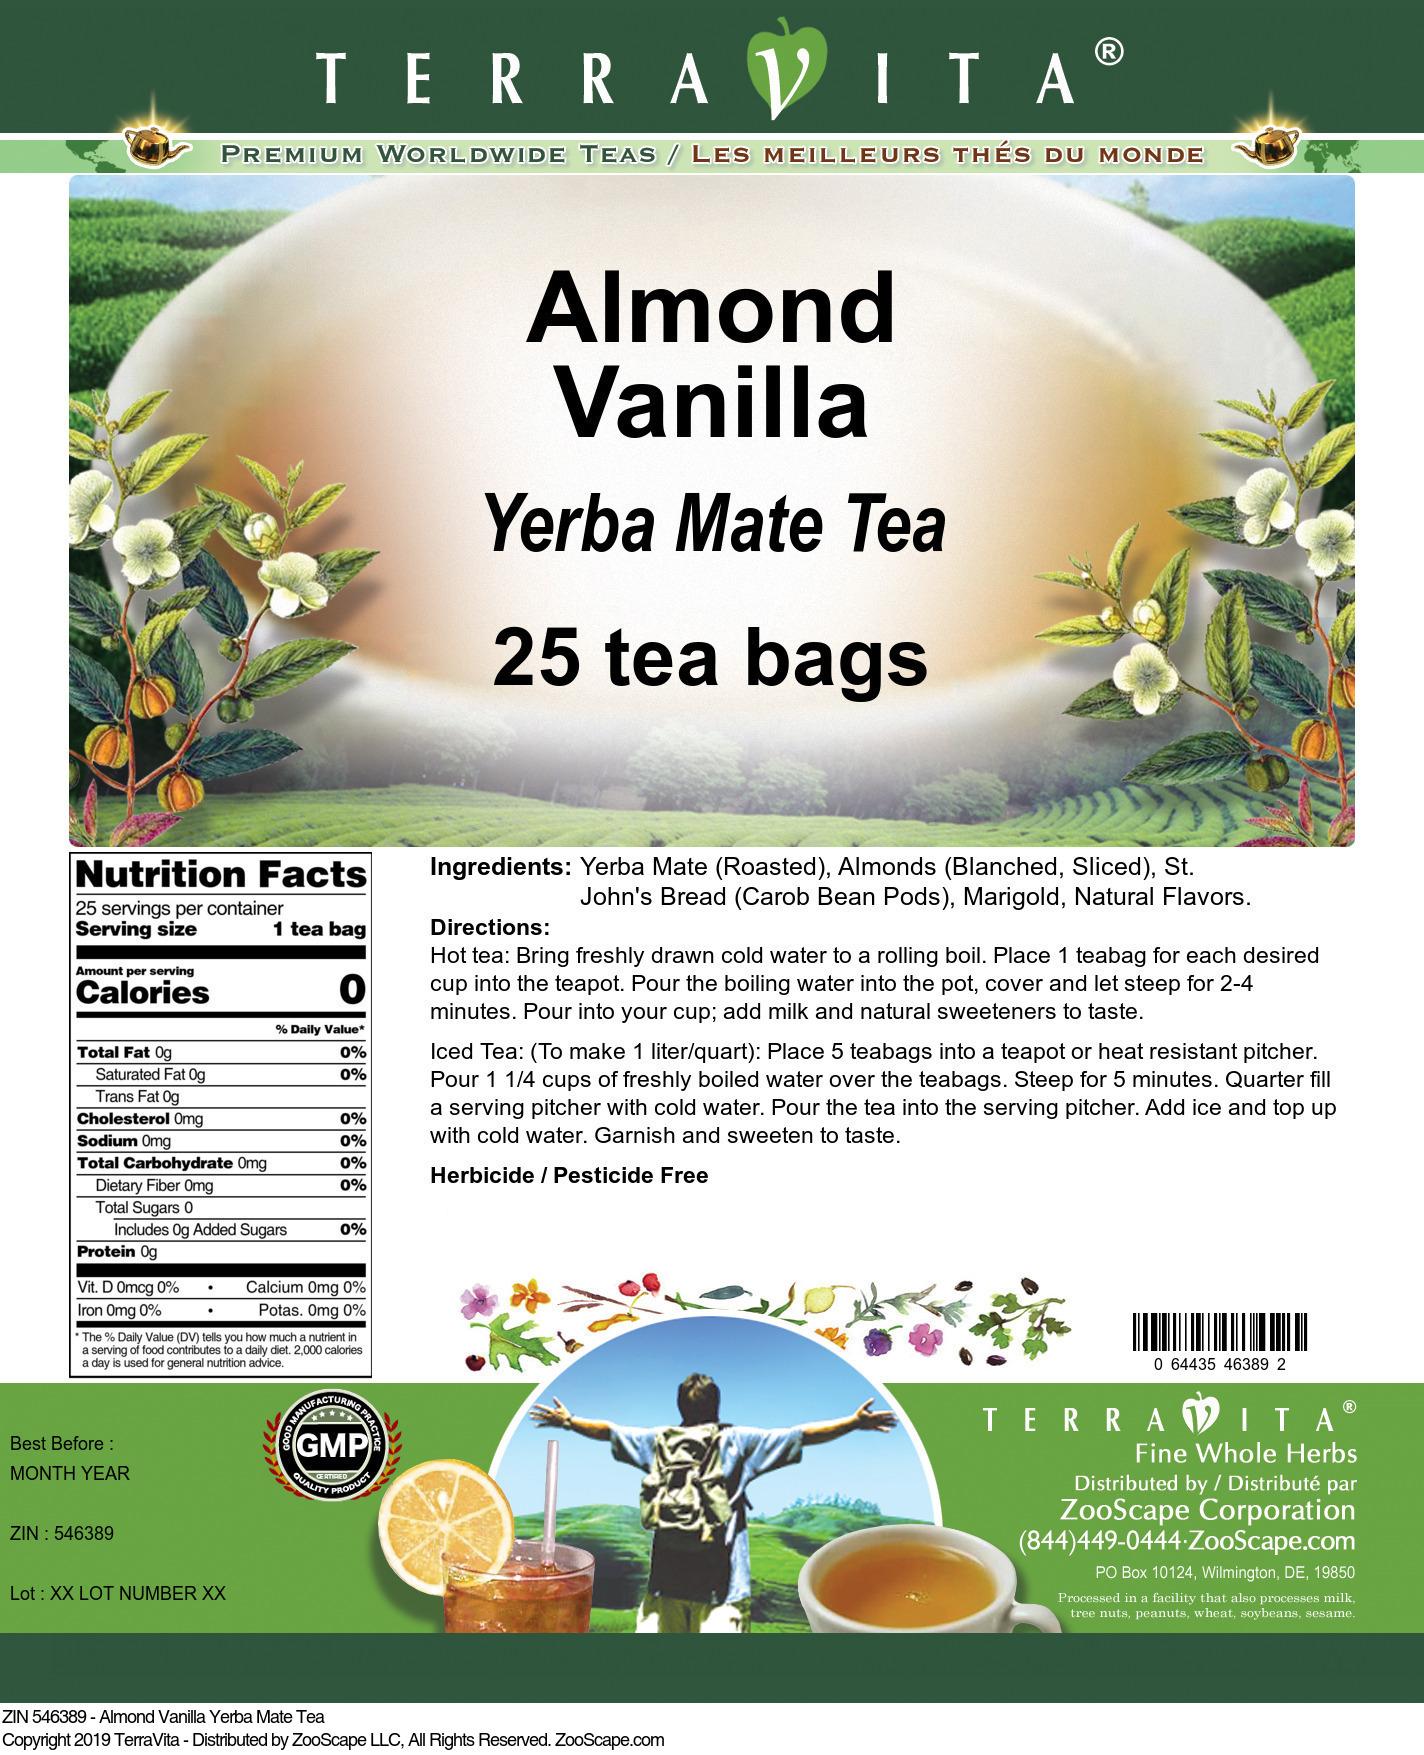 Almond Vanilla Yerba Mate Tea